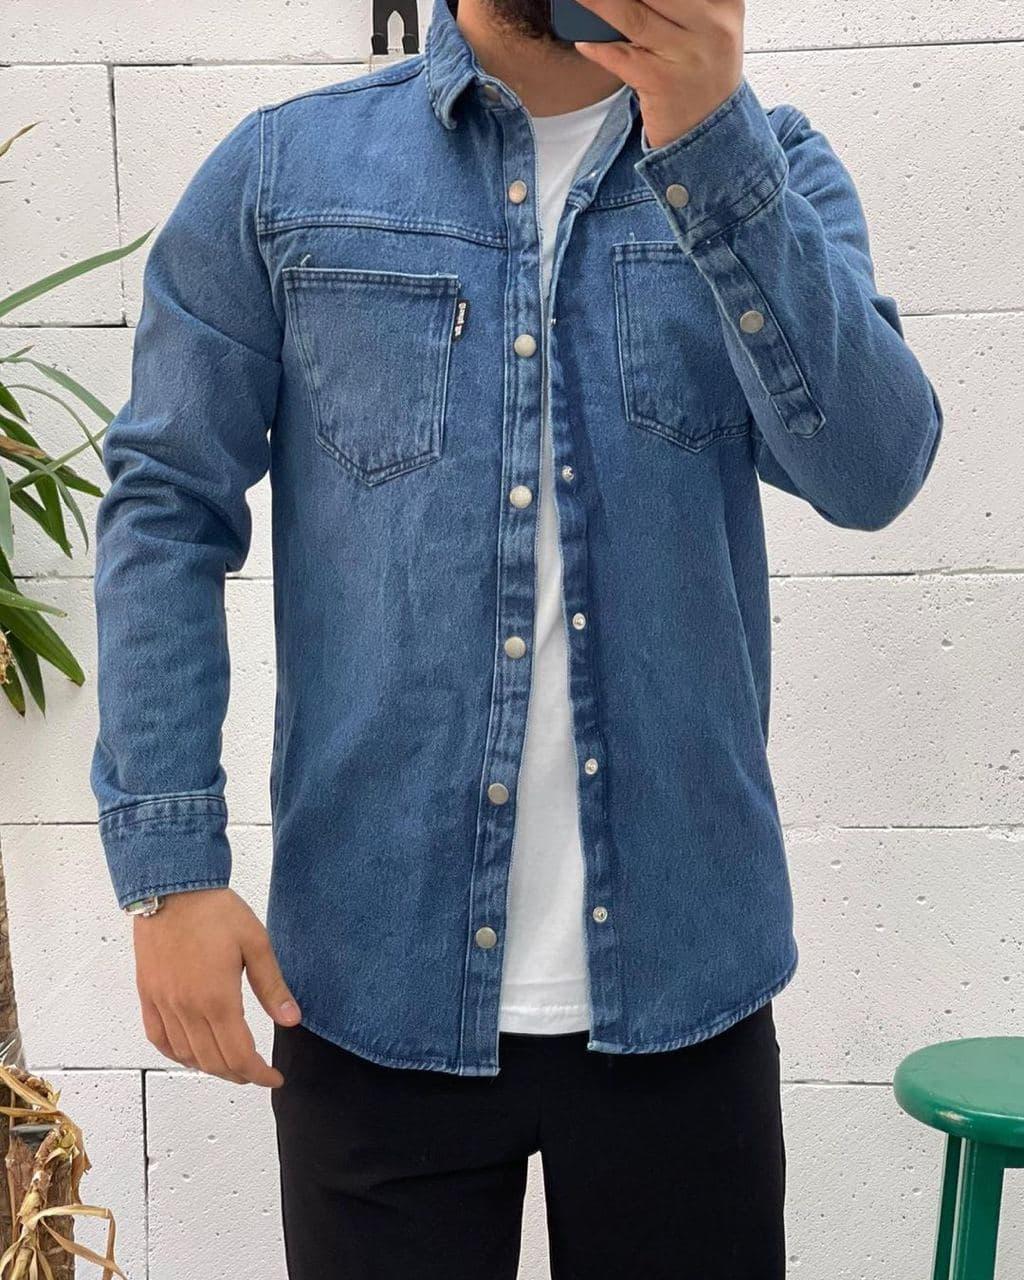 Мужская джинсовая рубашка на пуговицах синяя | Стильная джинсовка куртка джинсовая производство Турция